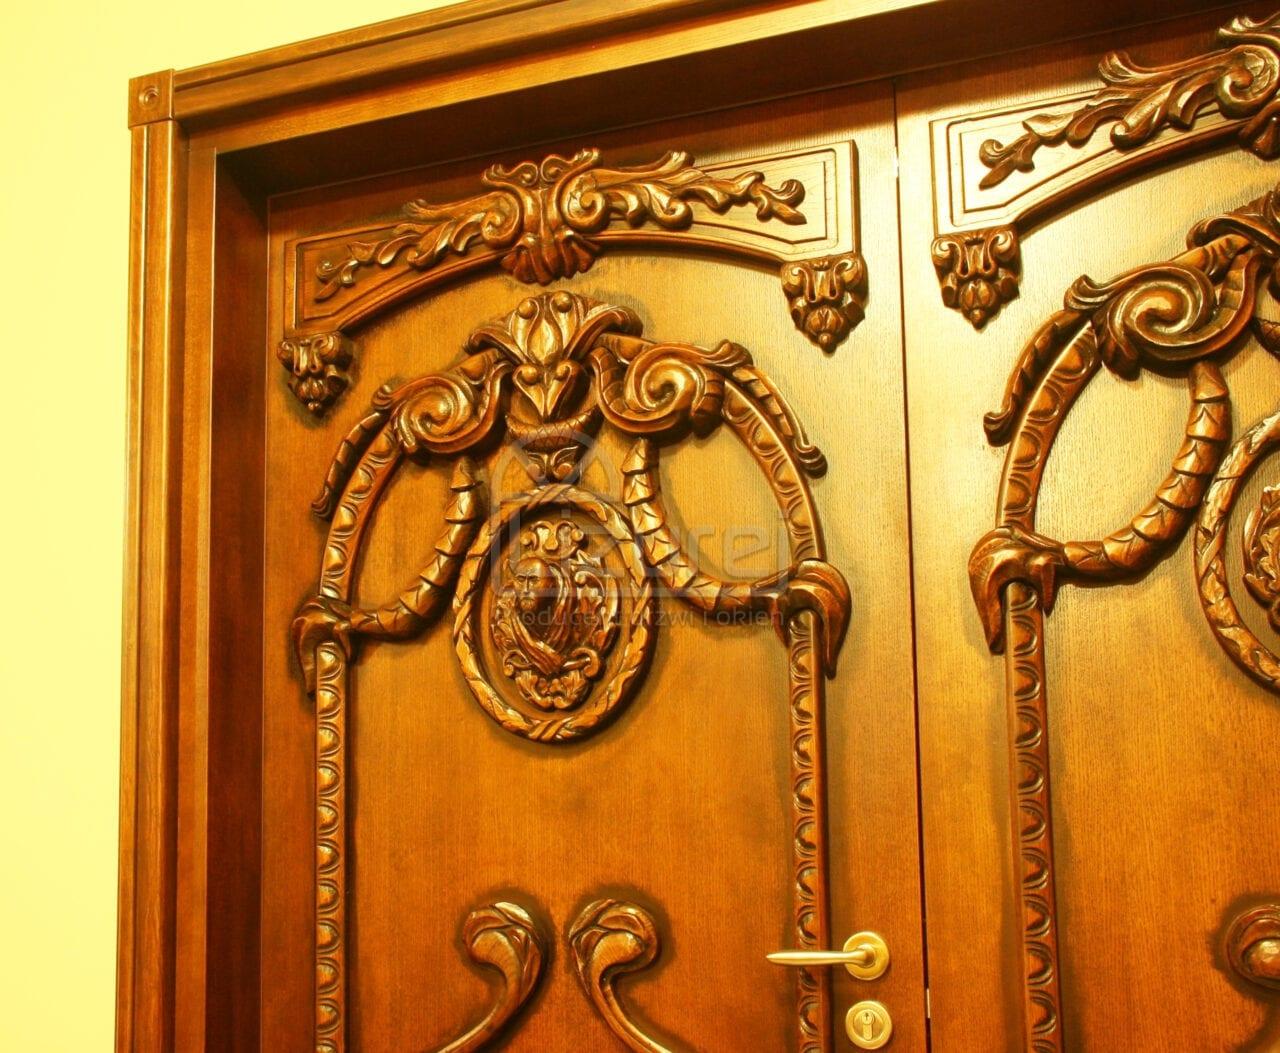 Producent Drzwi Drewnianych Na Wymiar Lizurej Galeria Wewnętrzne 18